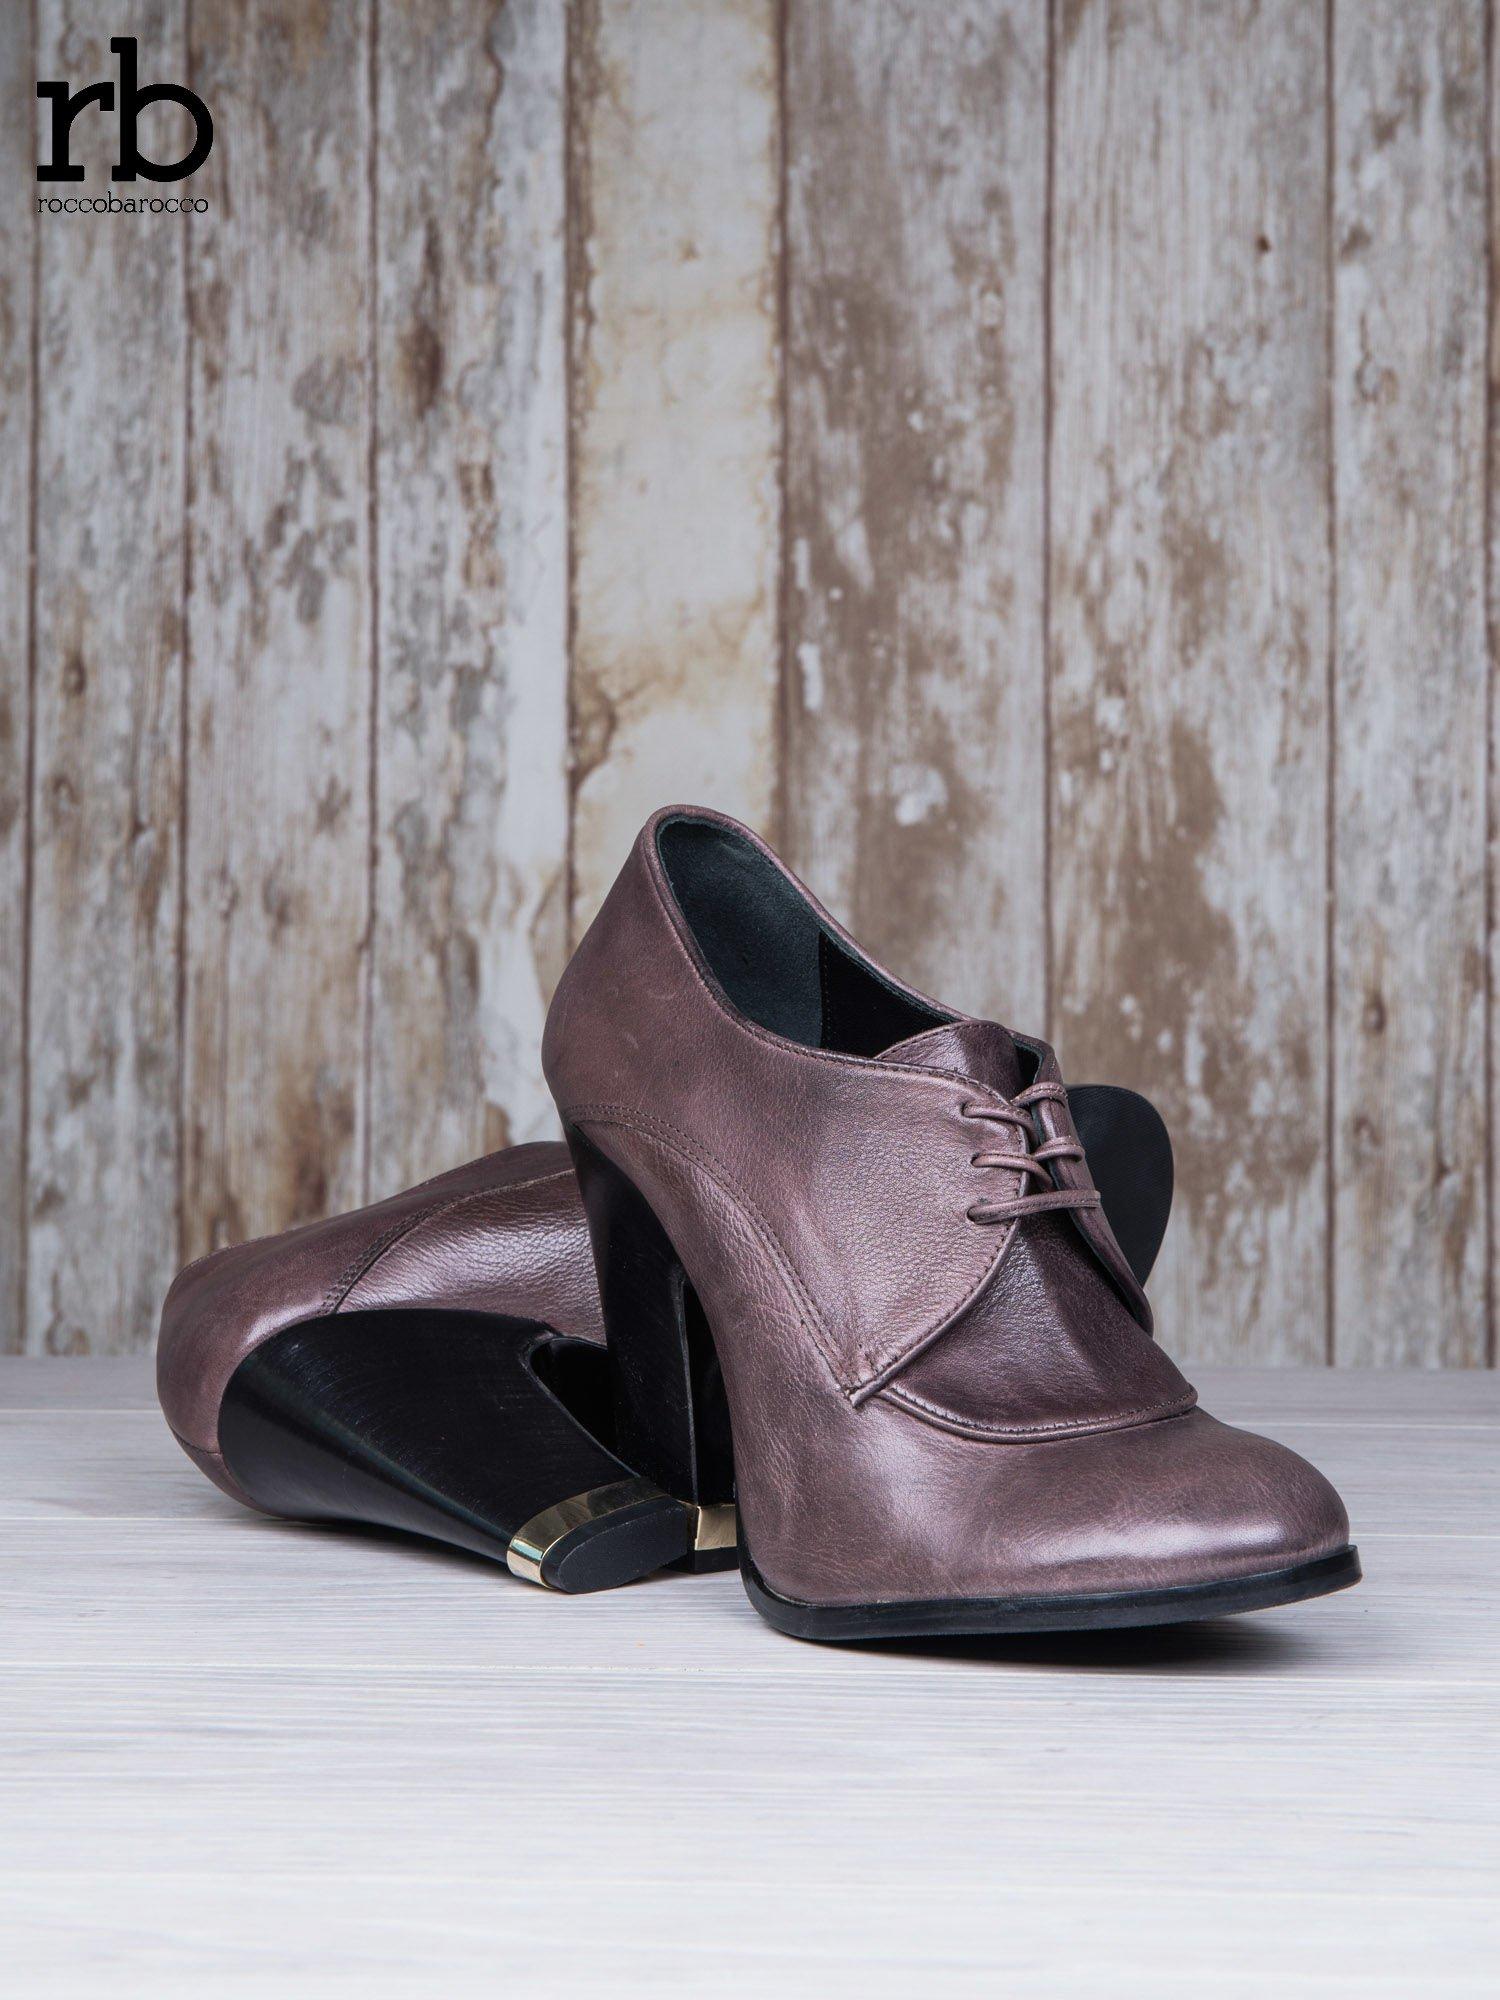 ROCCOBAROCCO Brązowe wiązane botki genuine leather skórzane oxfordki                                  zdj.                                  4